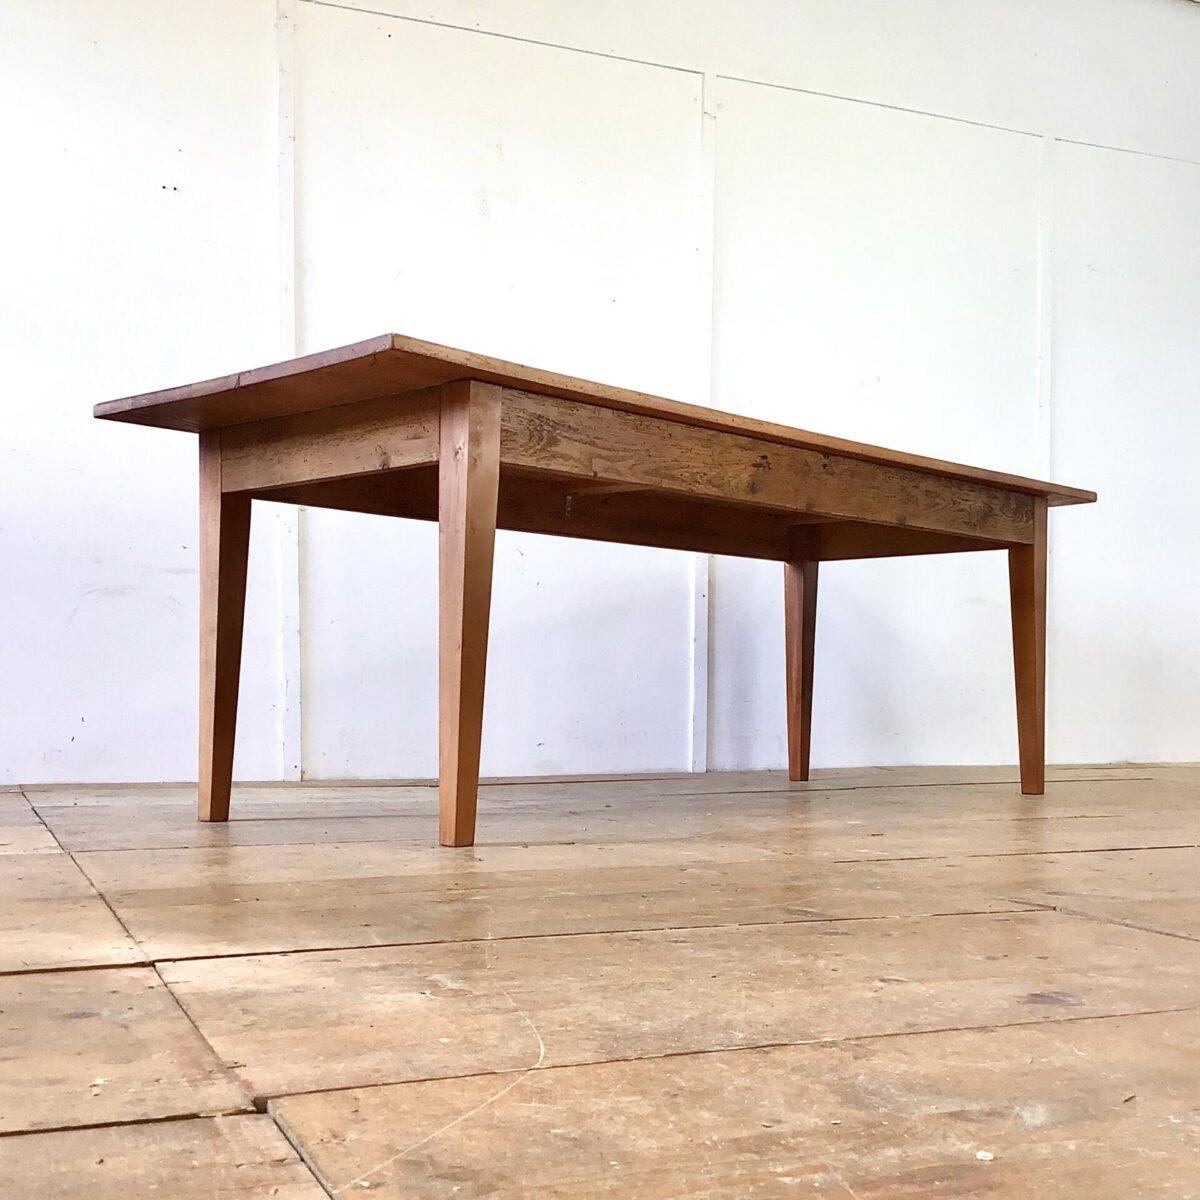 Rötlicher Buchenholz Esstisch. 231x82cm Höhe 76cm. Dieser Lebhafte Holztisch mit Wurmlöchern und Alterspatina ist unrestauriert. Jedoch alles stabil und in Alltagstauglichem Zustand.